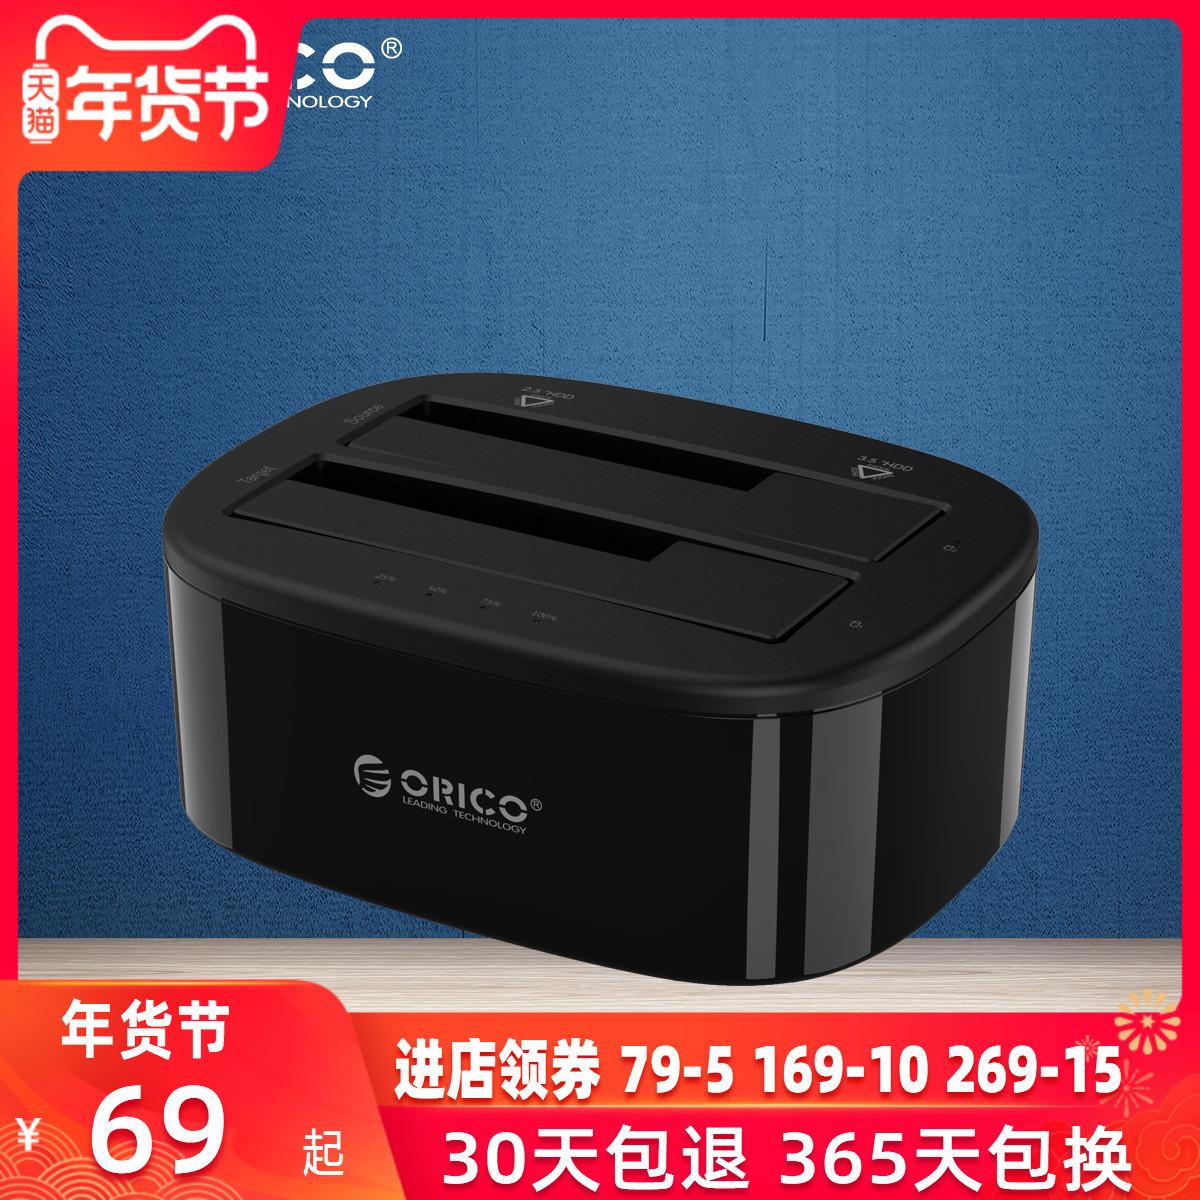 Orico移动硬盘盒座3.5寸外接迅雷玩客云设备台式机外置硬盘盒底座